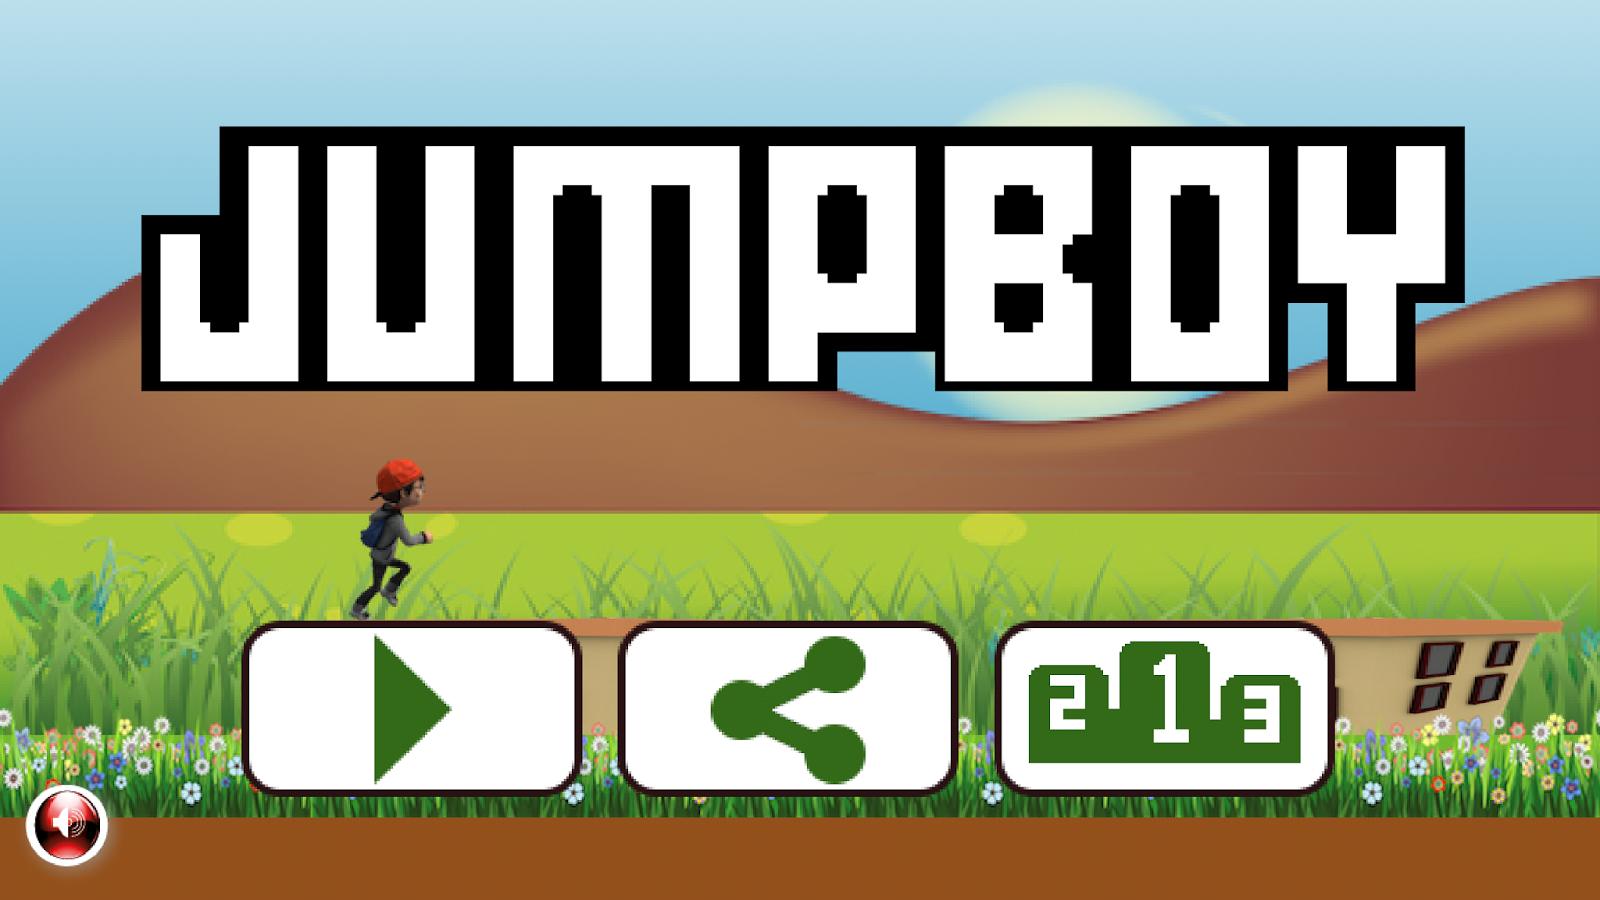 لعبة JUMPBOY - جمبوي لعبة القفزوالتحدي للوصول لاعلى رقم | بحرية درويد